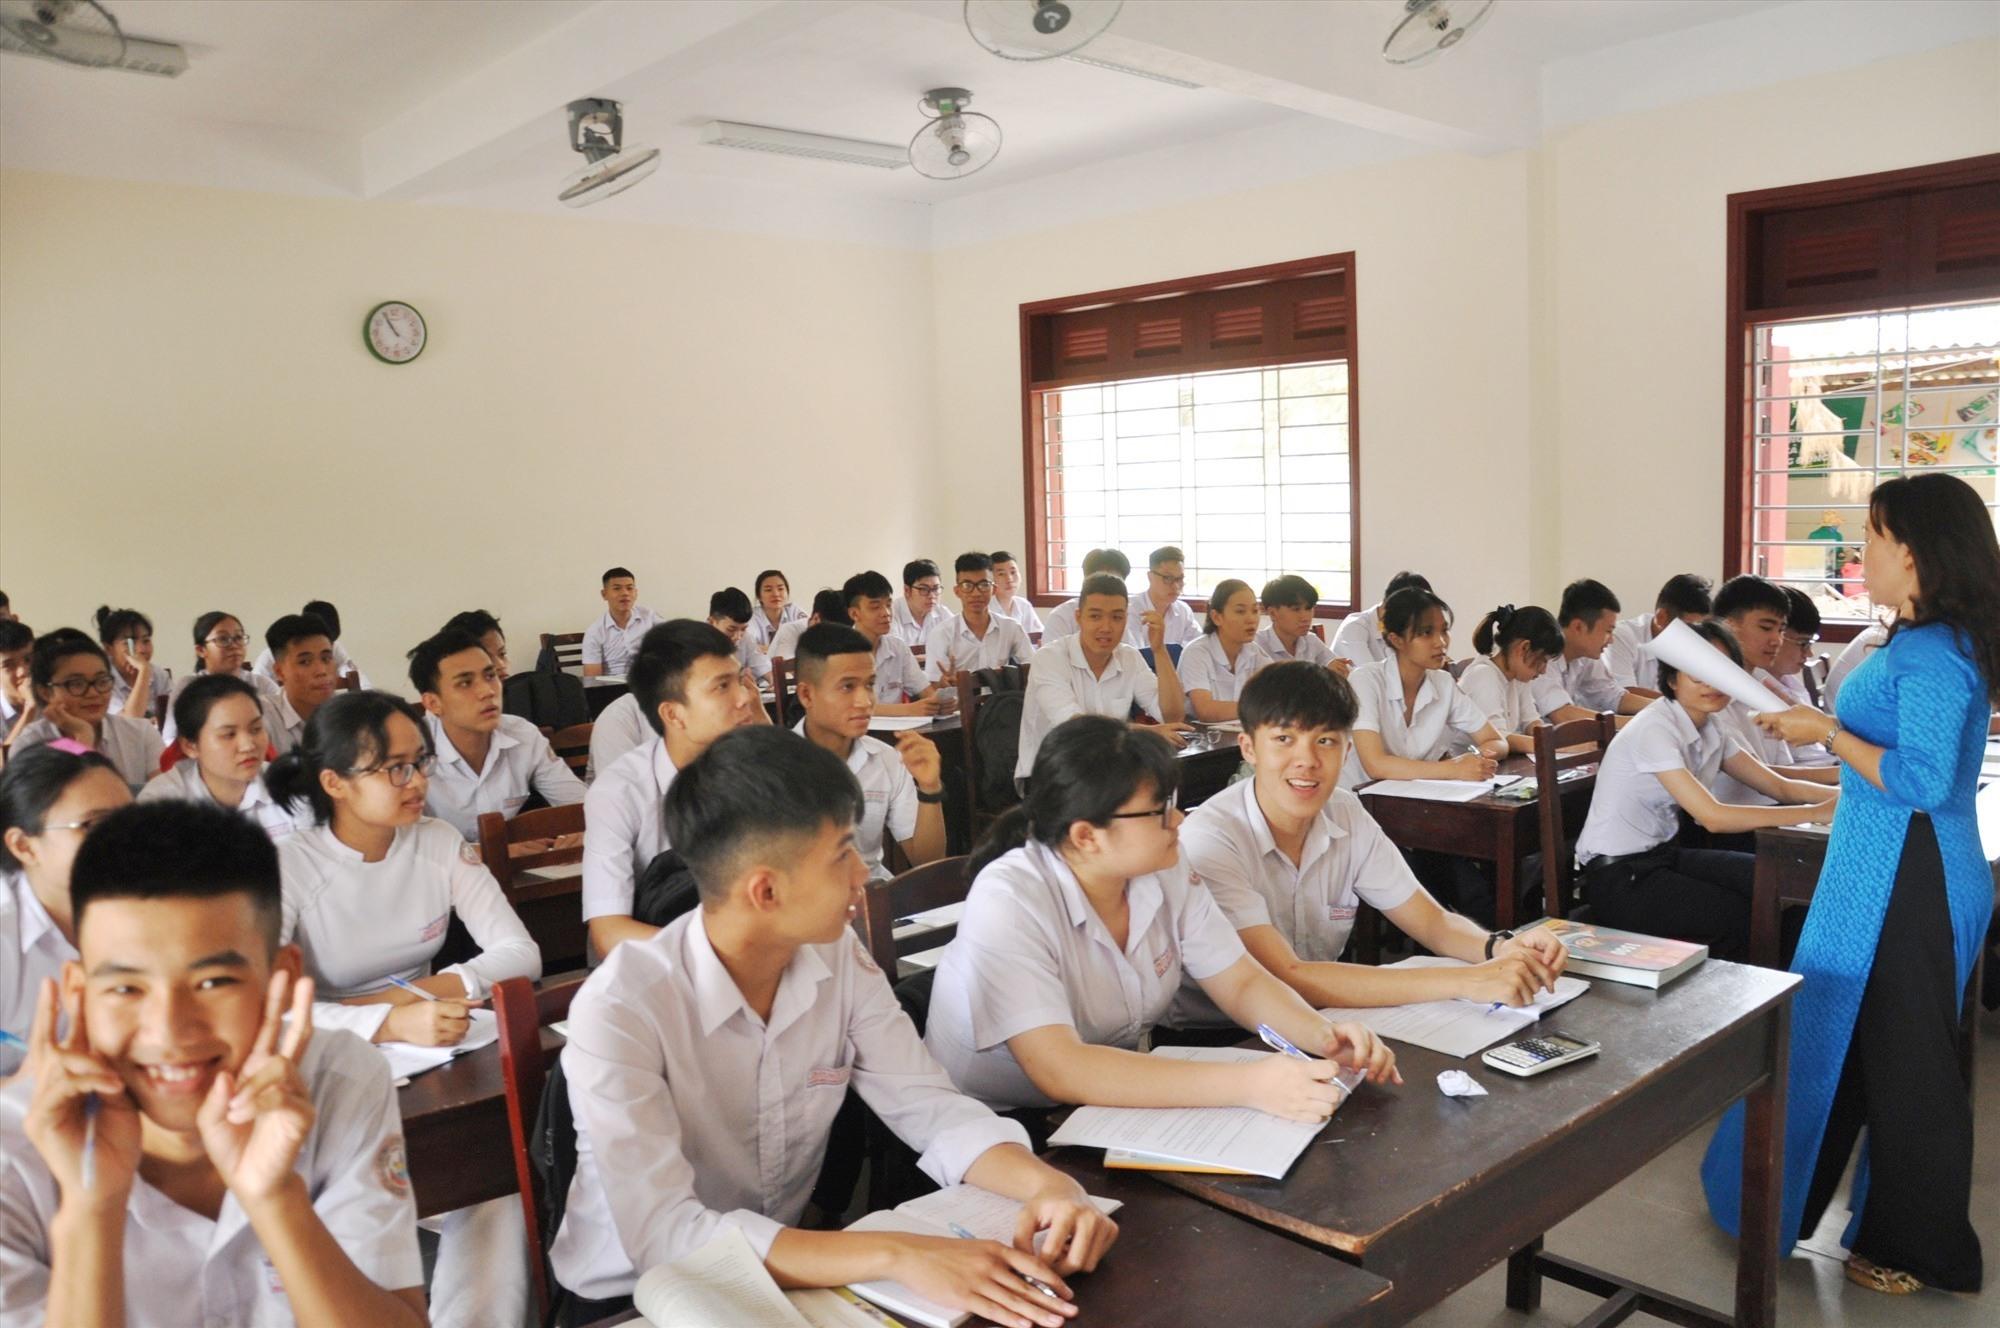 Trường THPT Trần Quý Cáp, bàn giao tạm khối nhà lớp học để phục vụ dạy và học. Ảnh: X.P